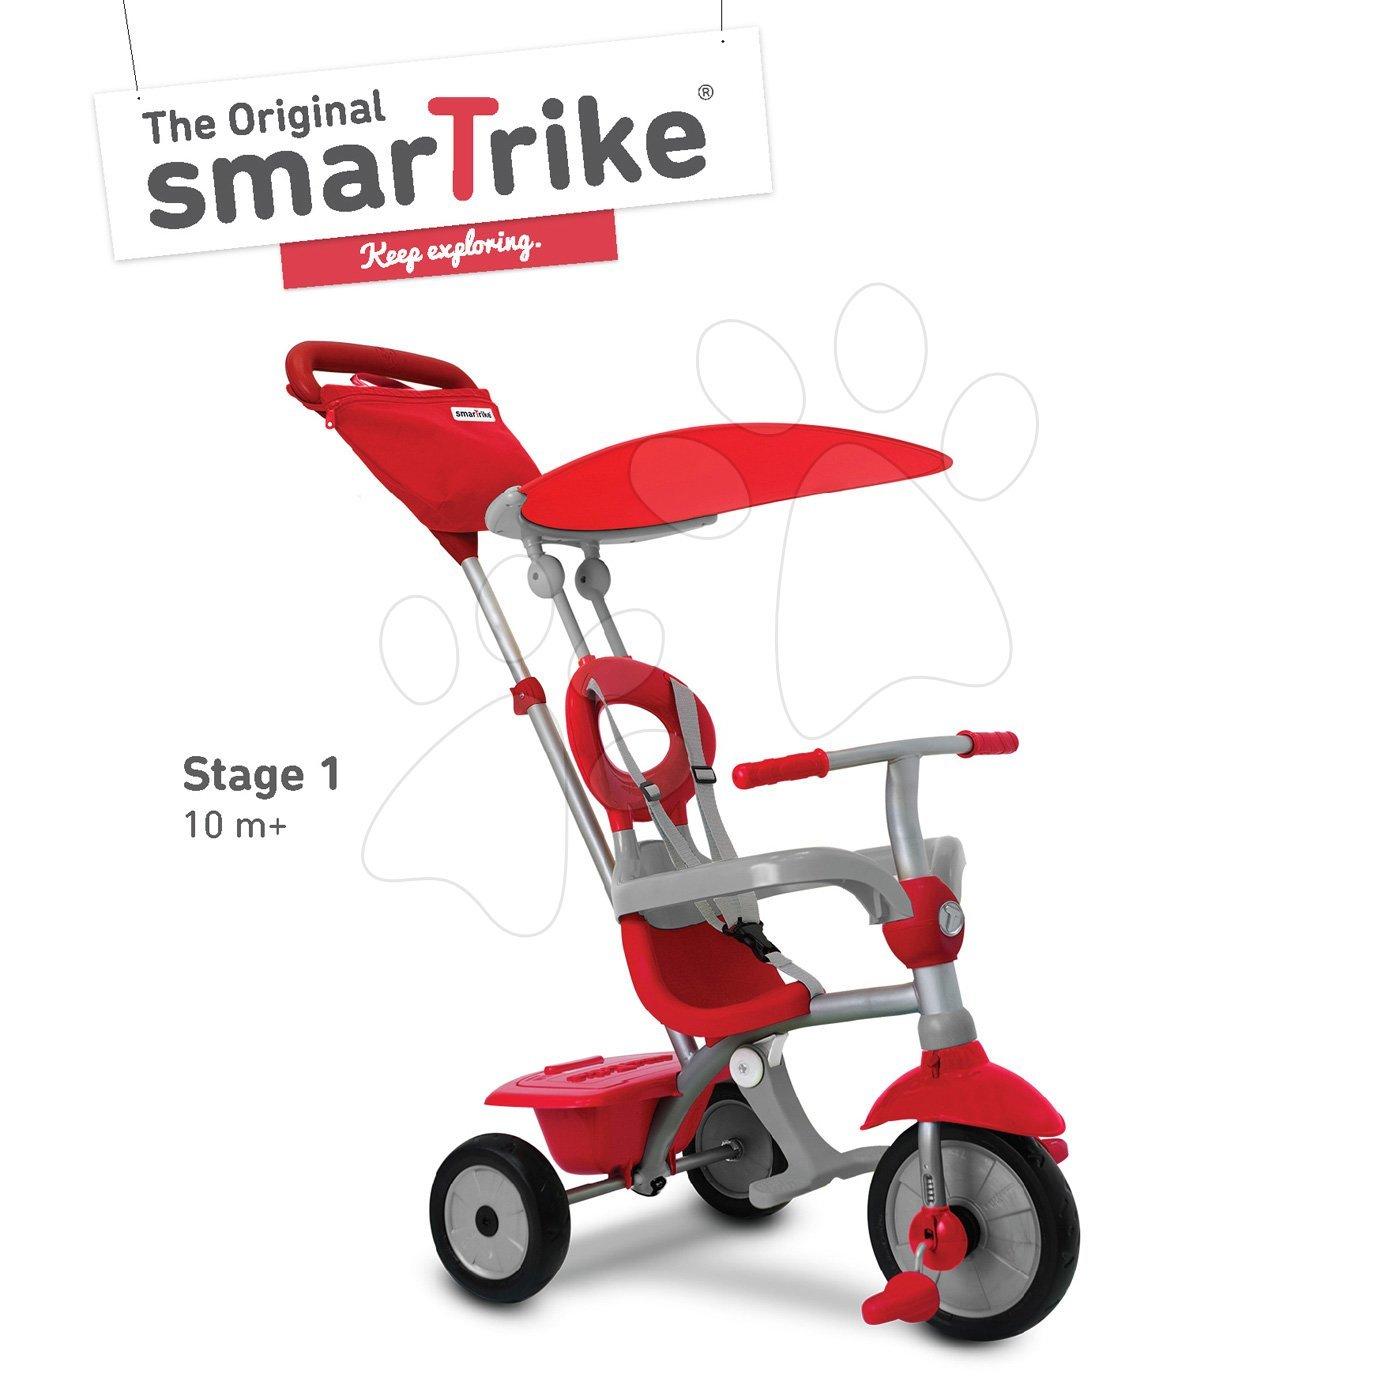 Trojkolka Zip Plus 4in1 smarTrike TouchSteering EVA gumové kolesá červená od 10 mes